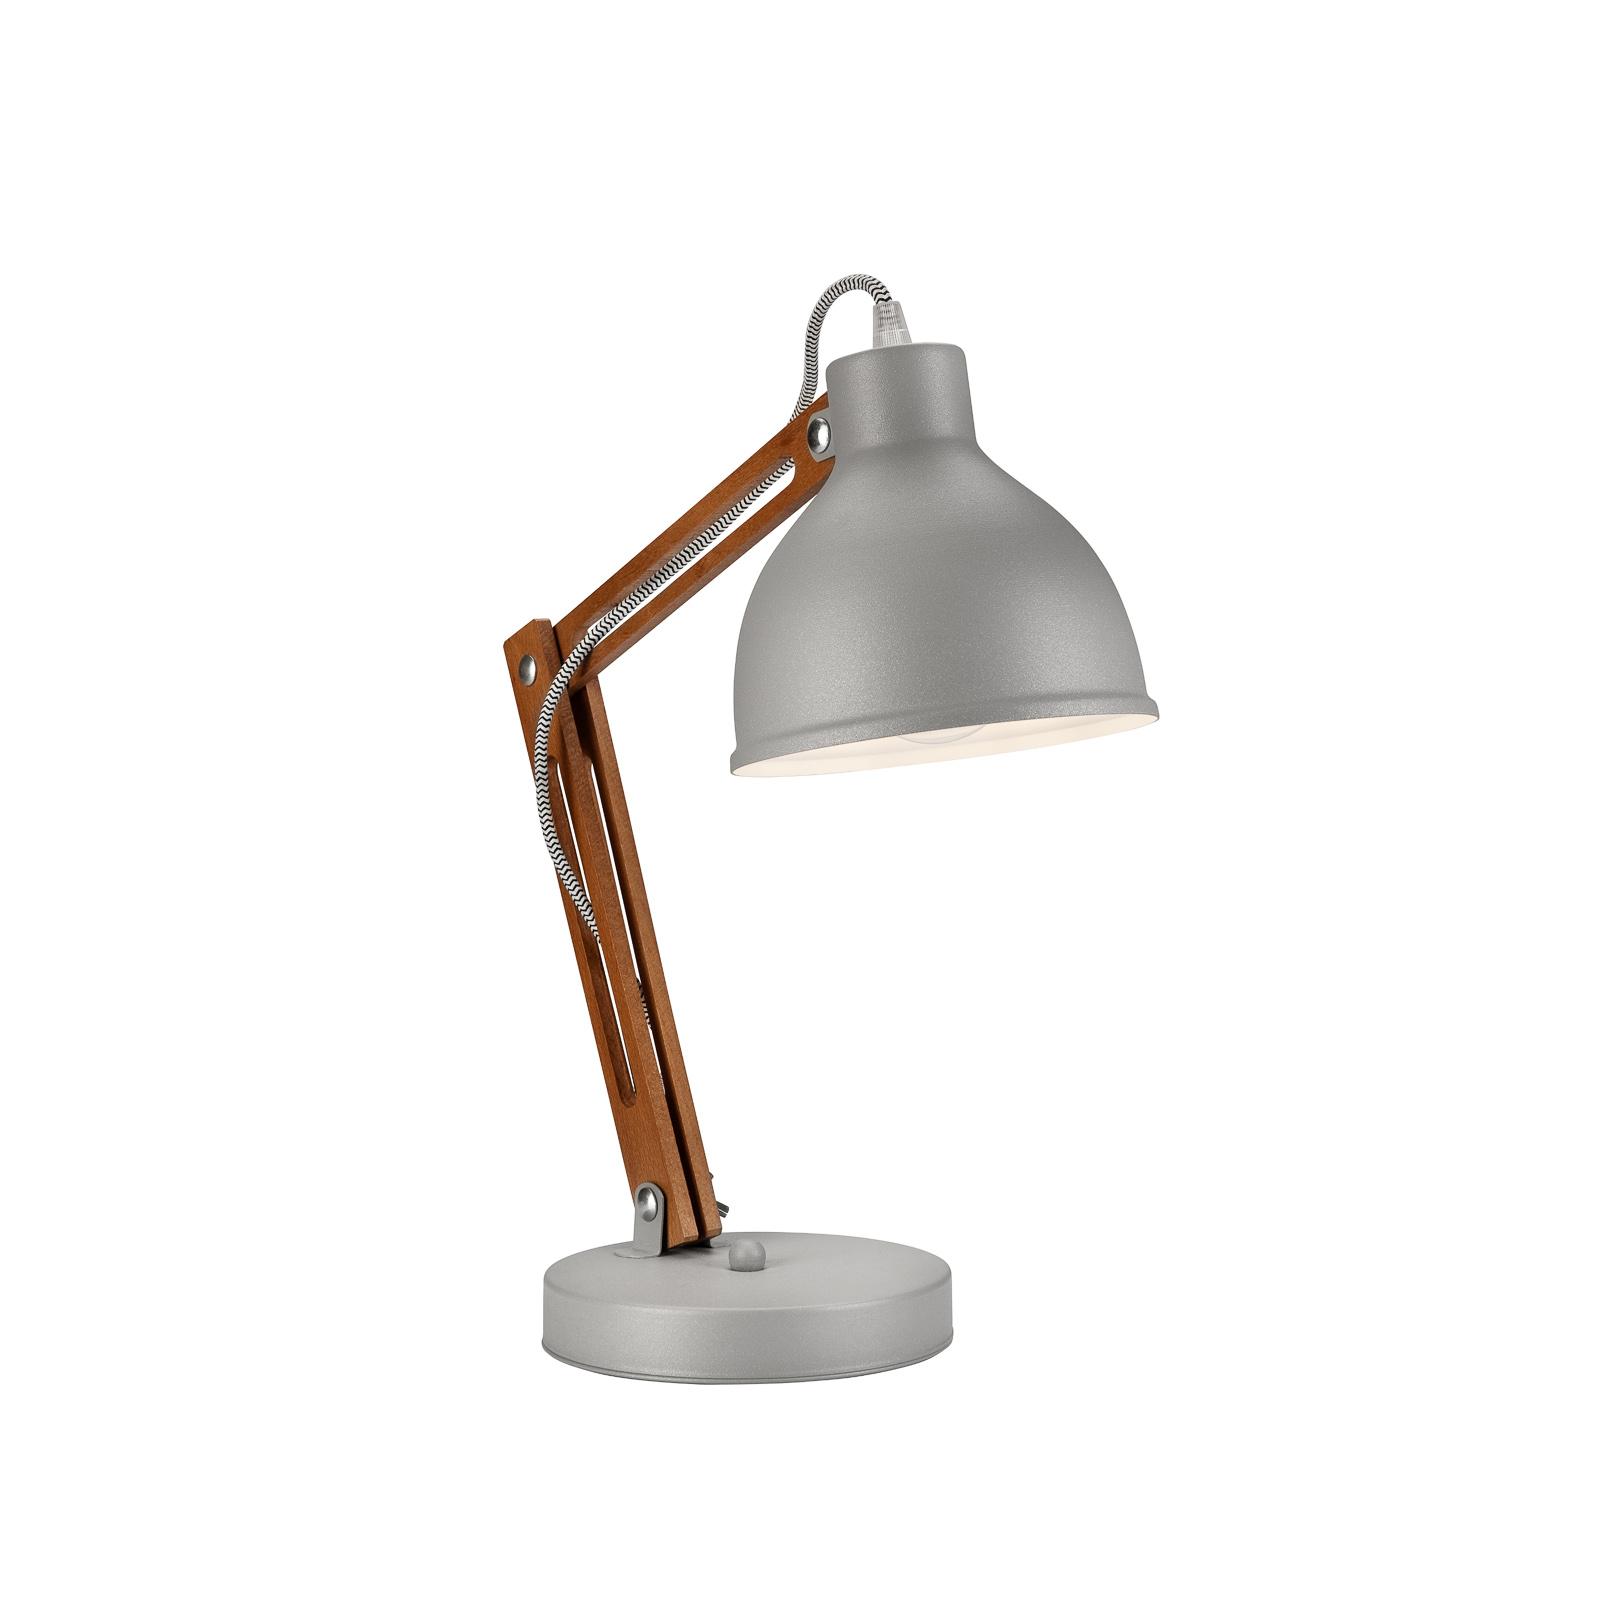 Skansen bordlampe, justerbar, grå